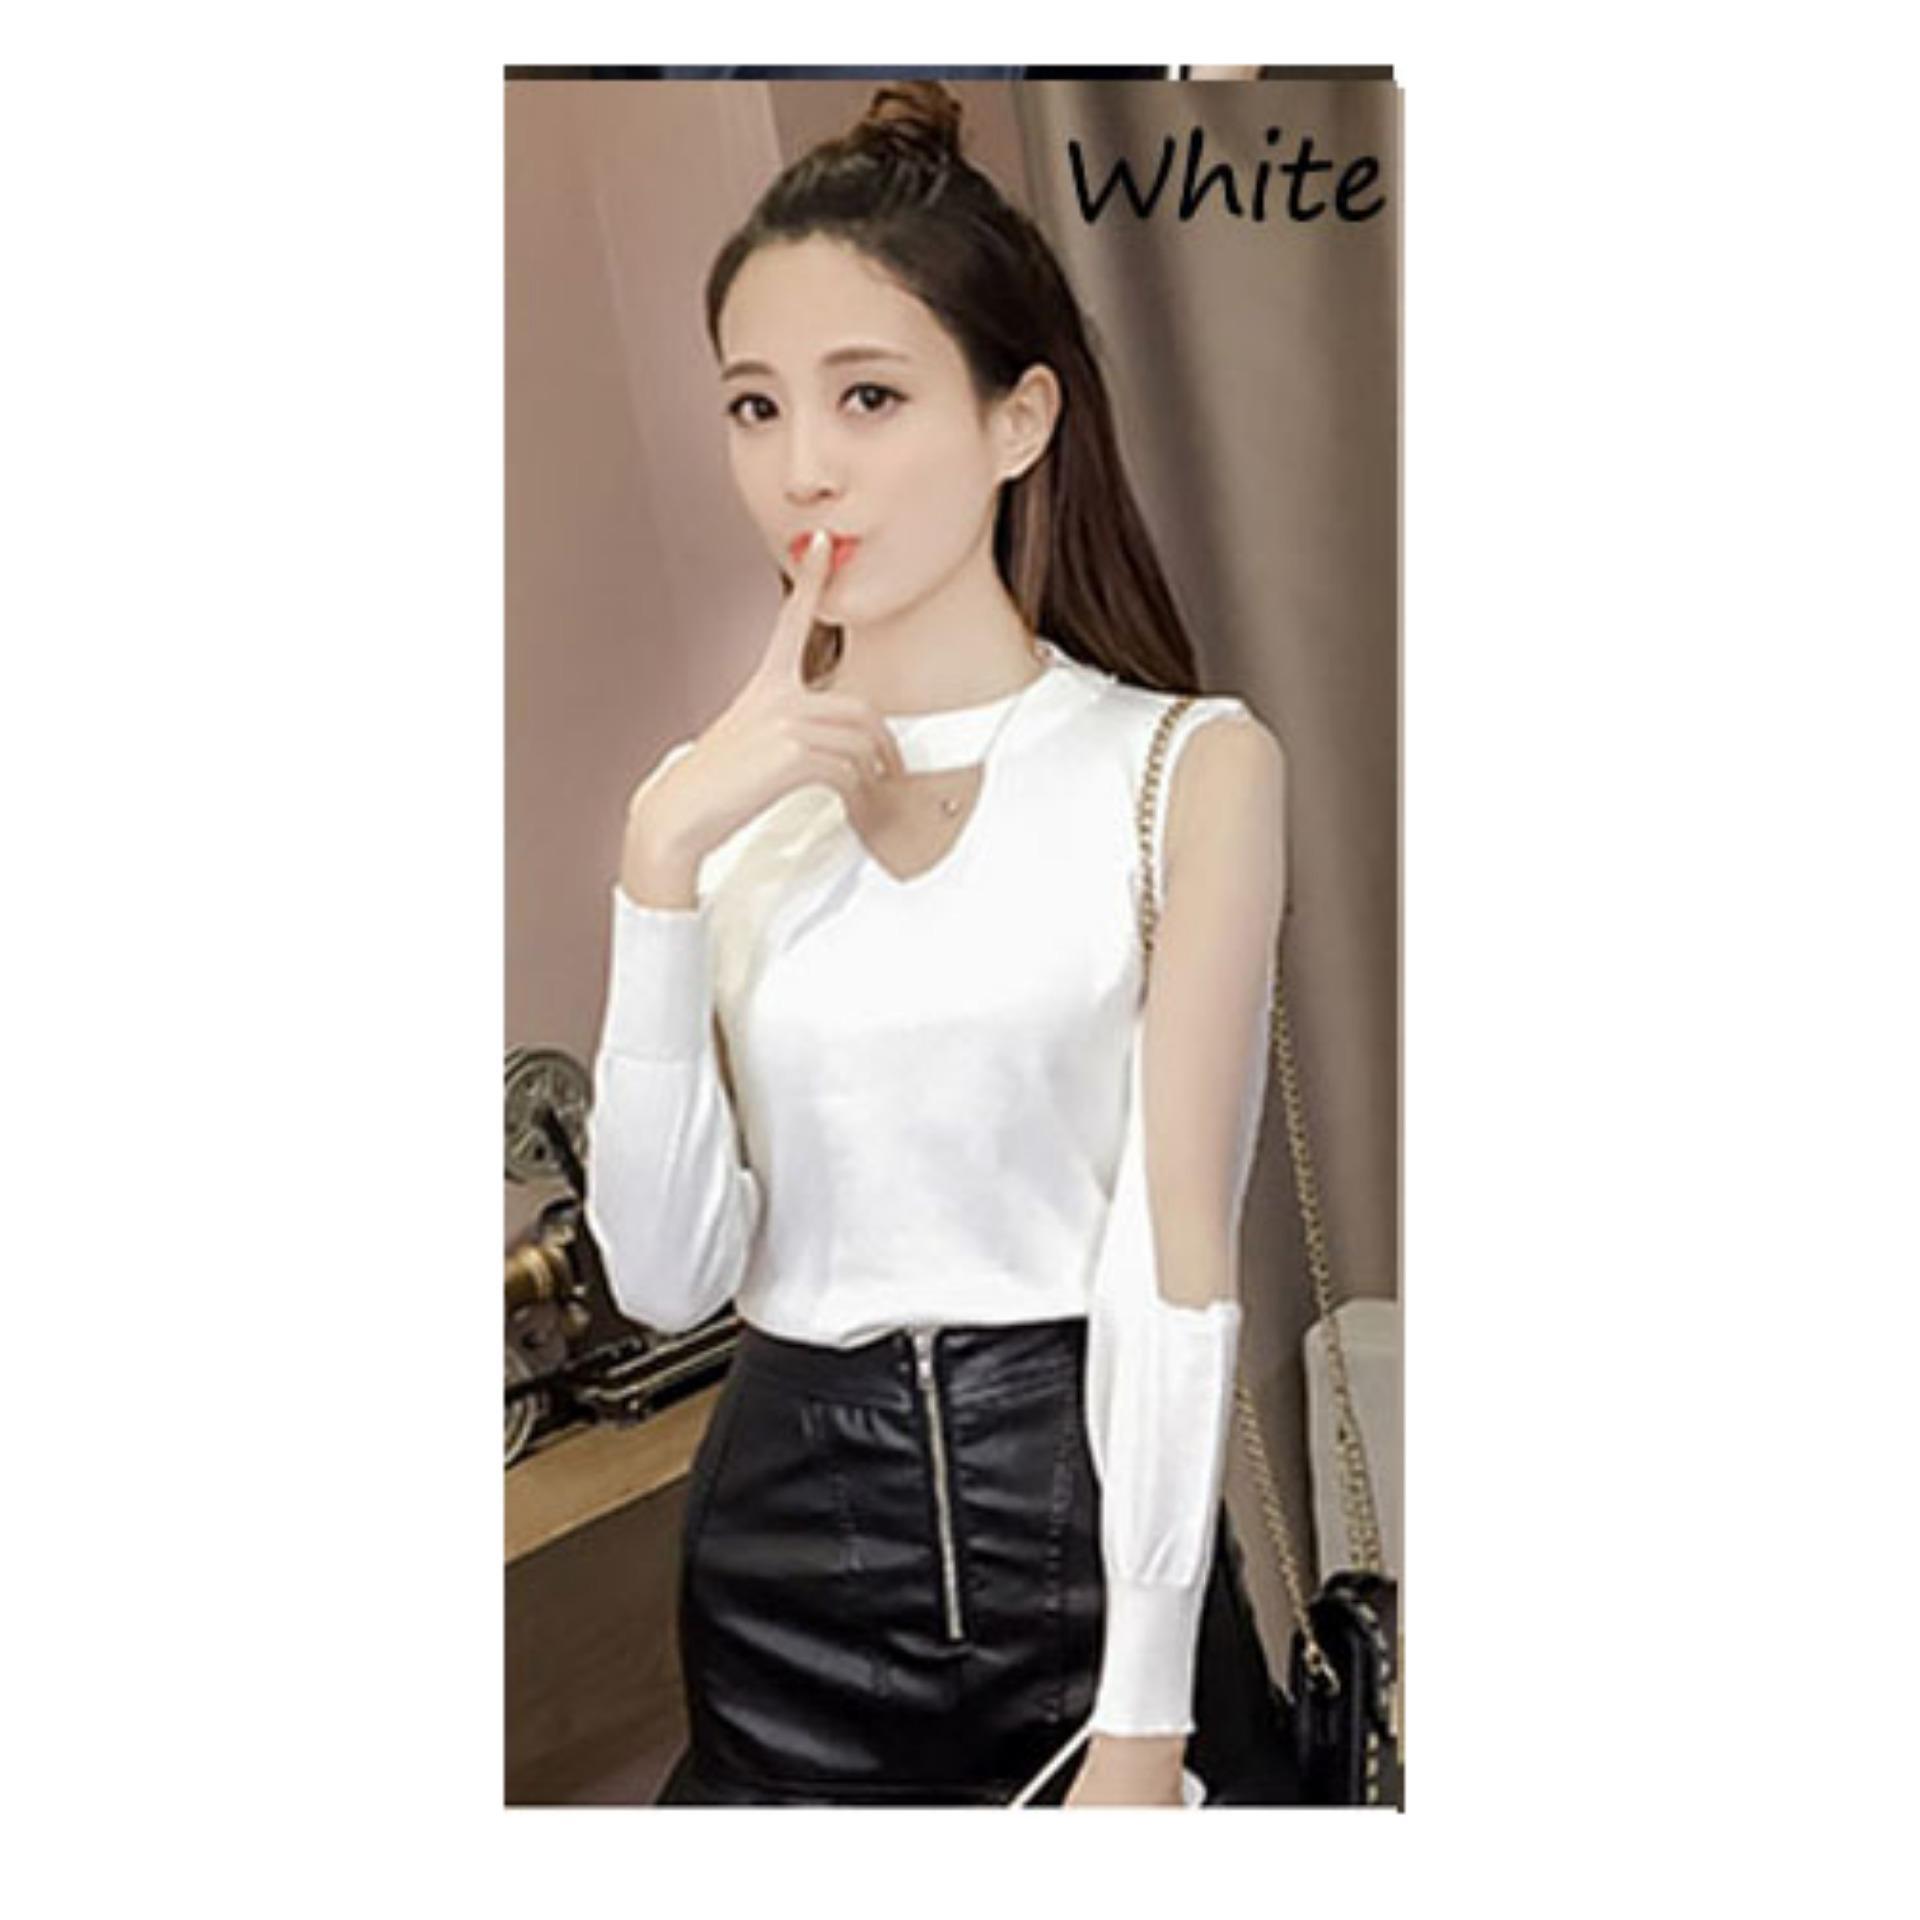 Azure Fashion Mery Atasan Sabrina Wanita Navy Daftar Harga Terbaik Blazer Panjang By Ayuka Un Dark Grey Blouse Source Juliet Top White